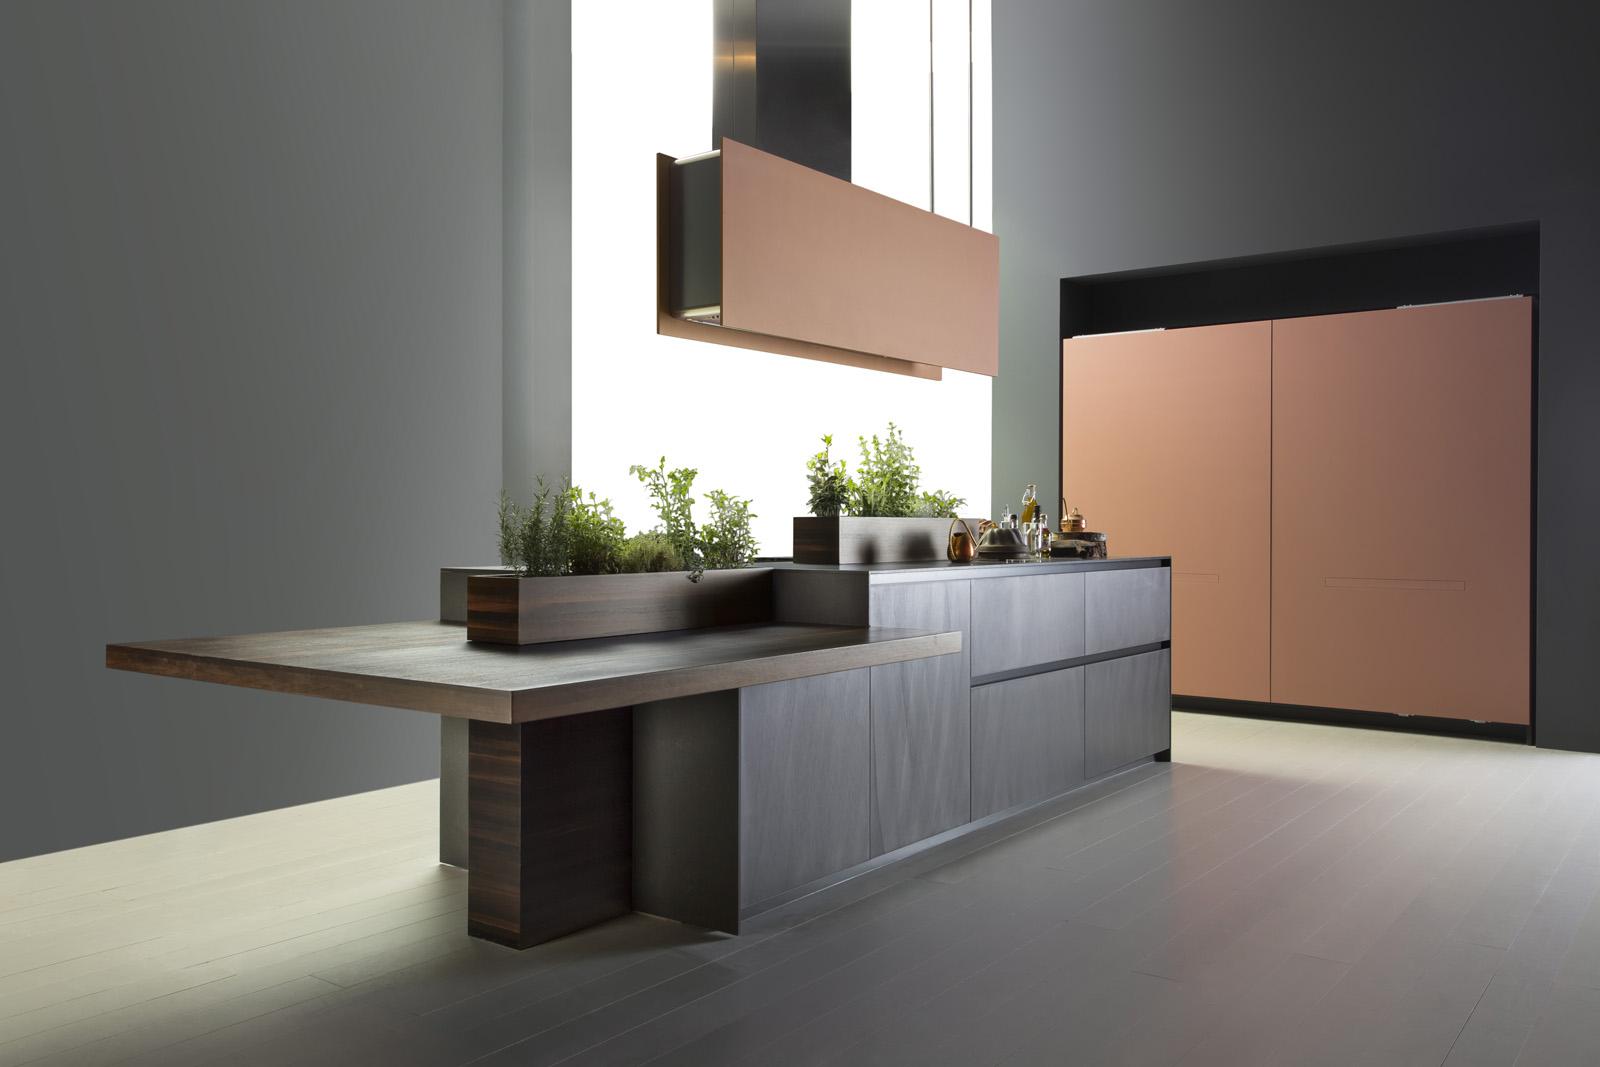 Project studio italiaanse design keukens comprex antwerpen kaaien - Keuken platform ...